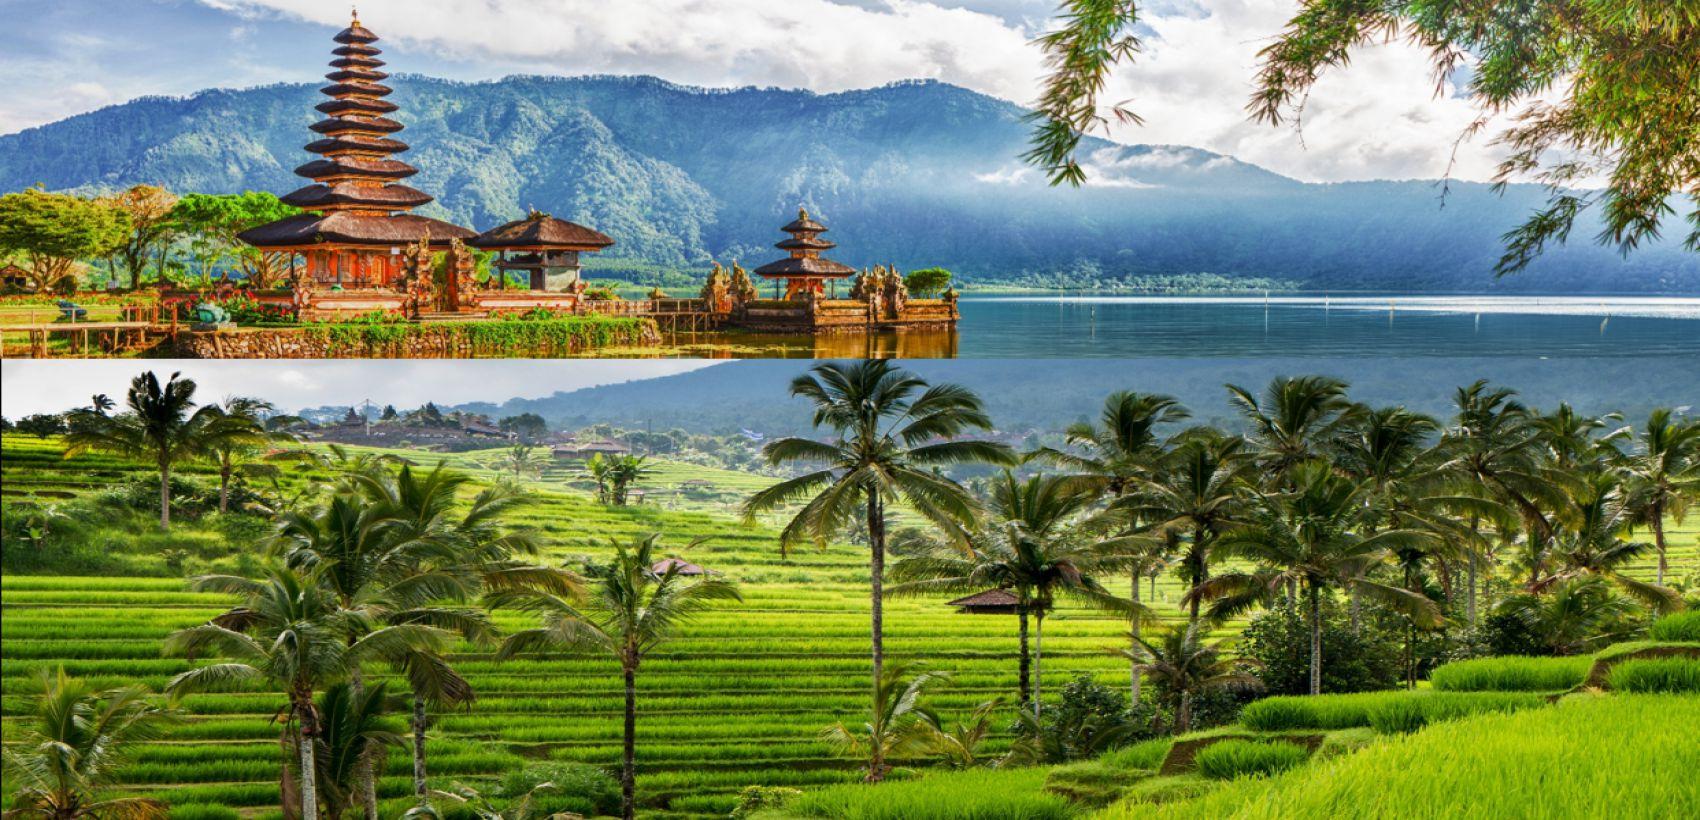 Bali & Ubud